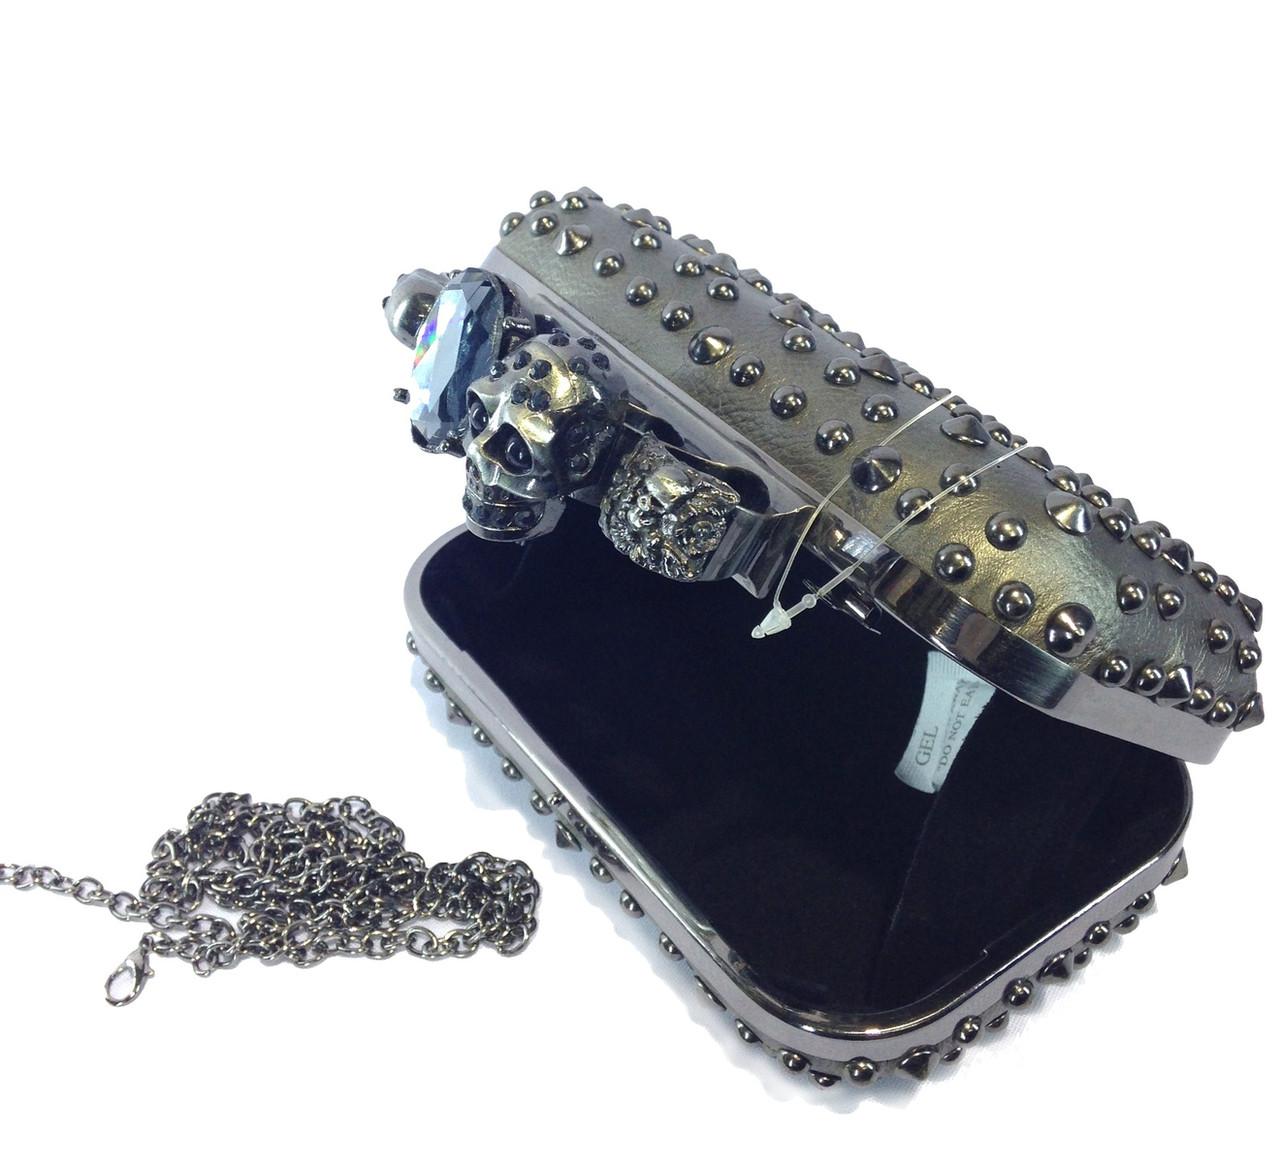 3000617ed57f Женская сумка клатч кастет 63 с шипами и черепами - Shoppingood в Харькове